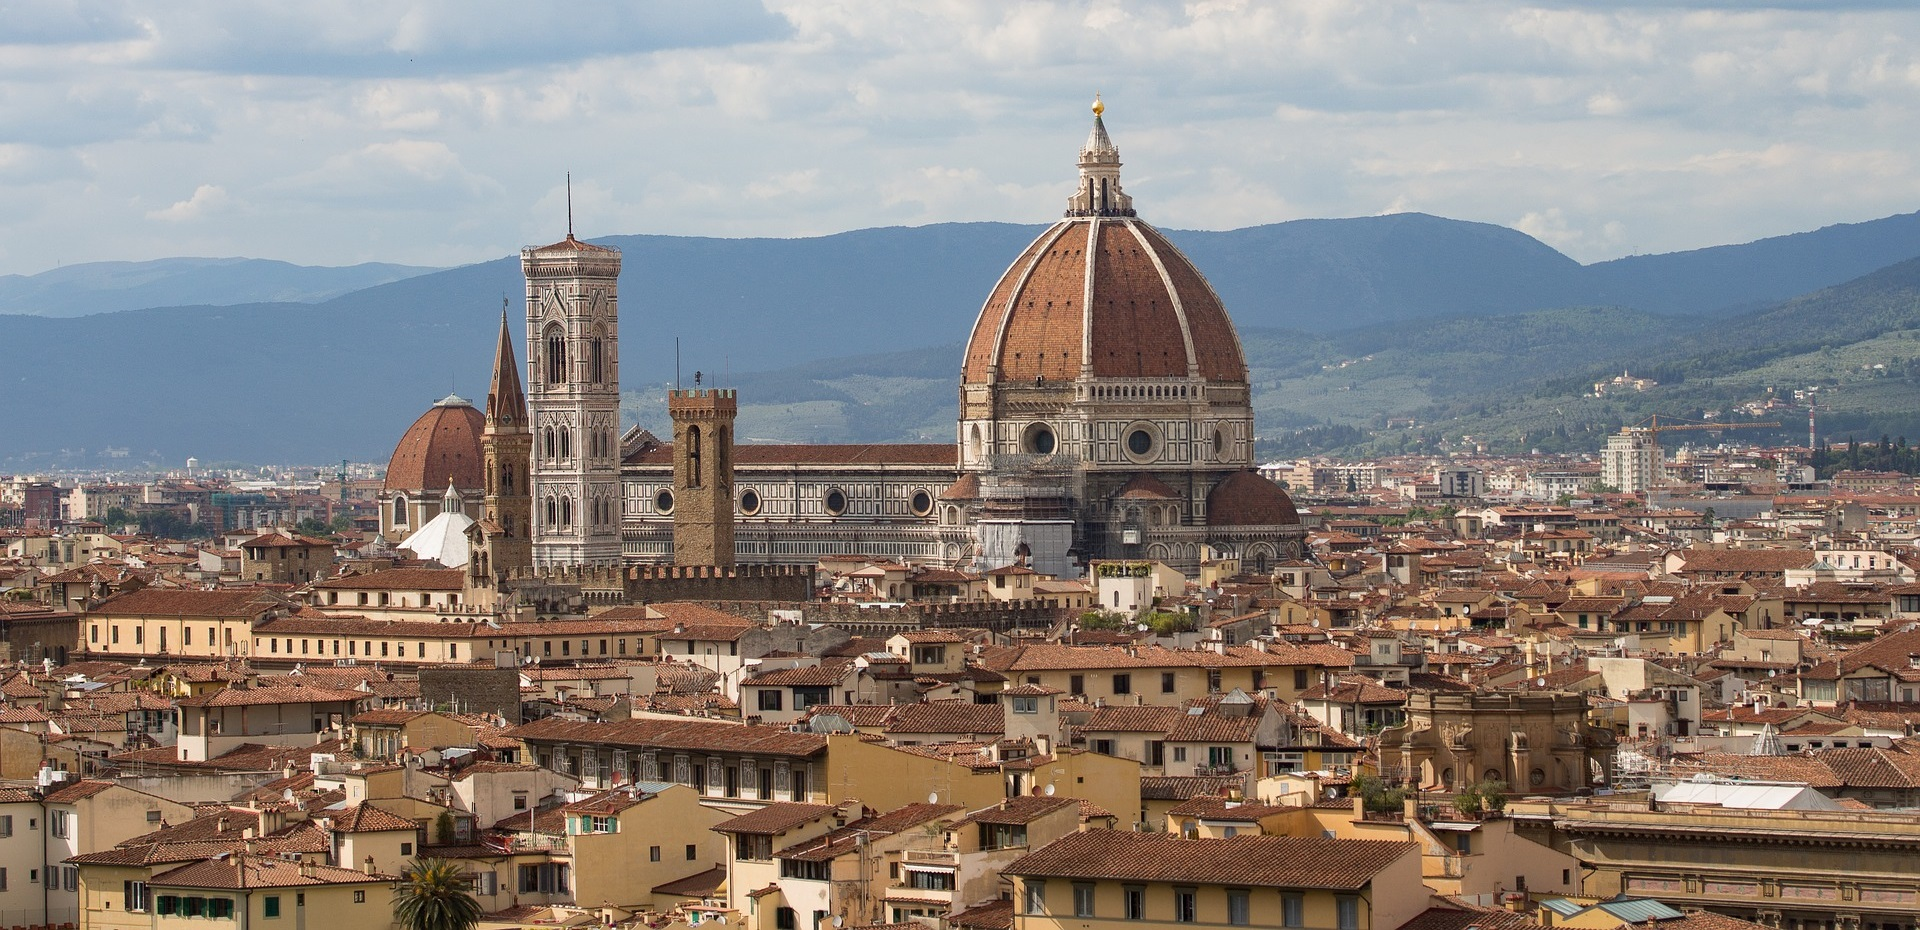 Firenze 7 rejtélye – ami az útikalauzból kimaradt (1. rész)